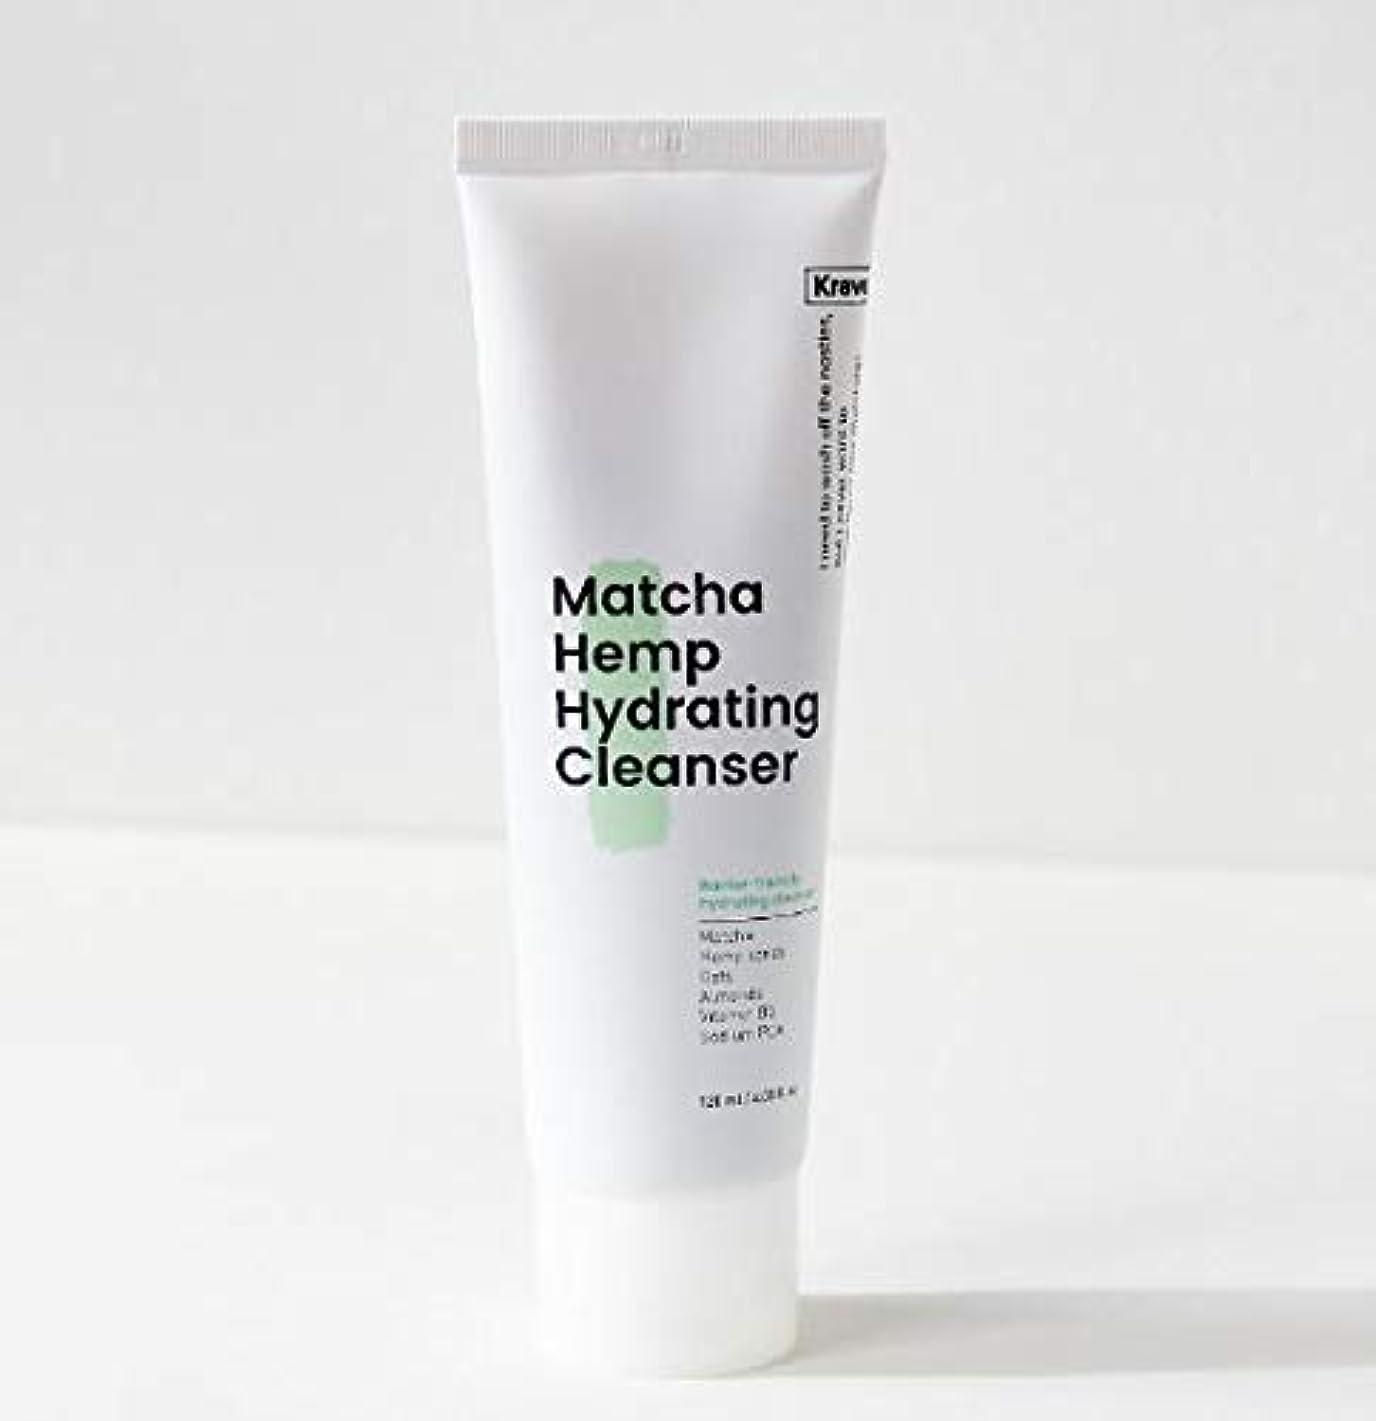 インストールへこみ活気づける[Krave] Matcha Hemp Hydrating Cleanser 120ml / 抹茶ハイドレイティングクレンザー120ml [並行輸入品]